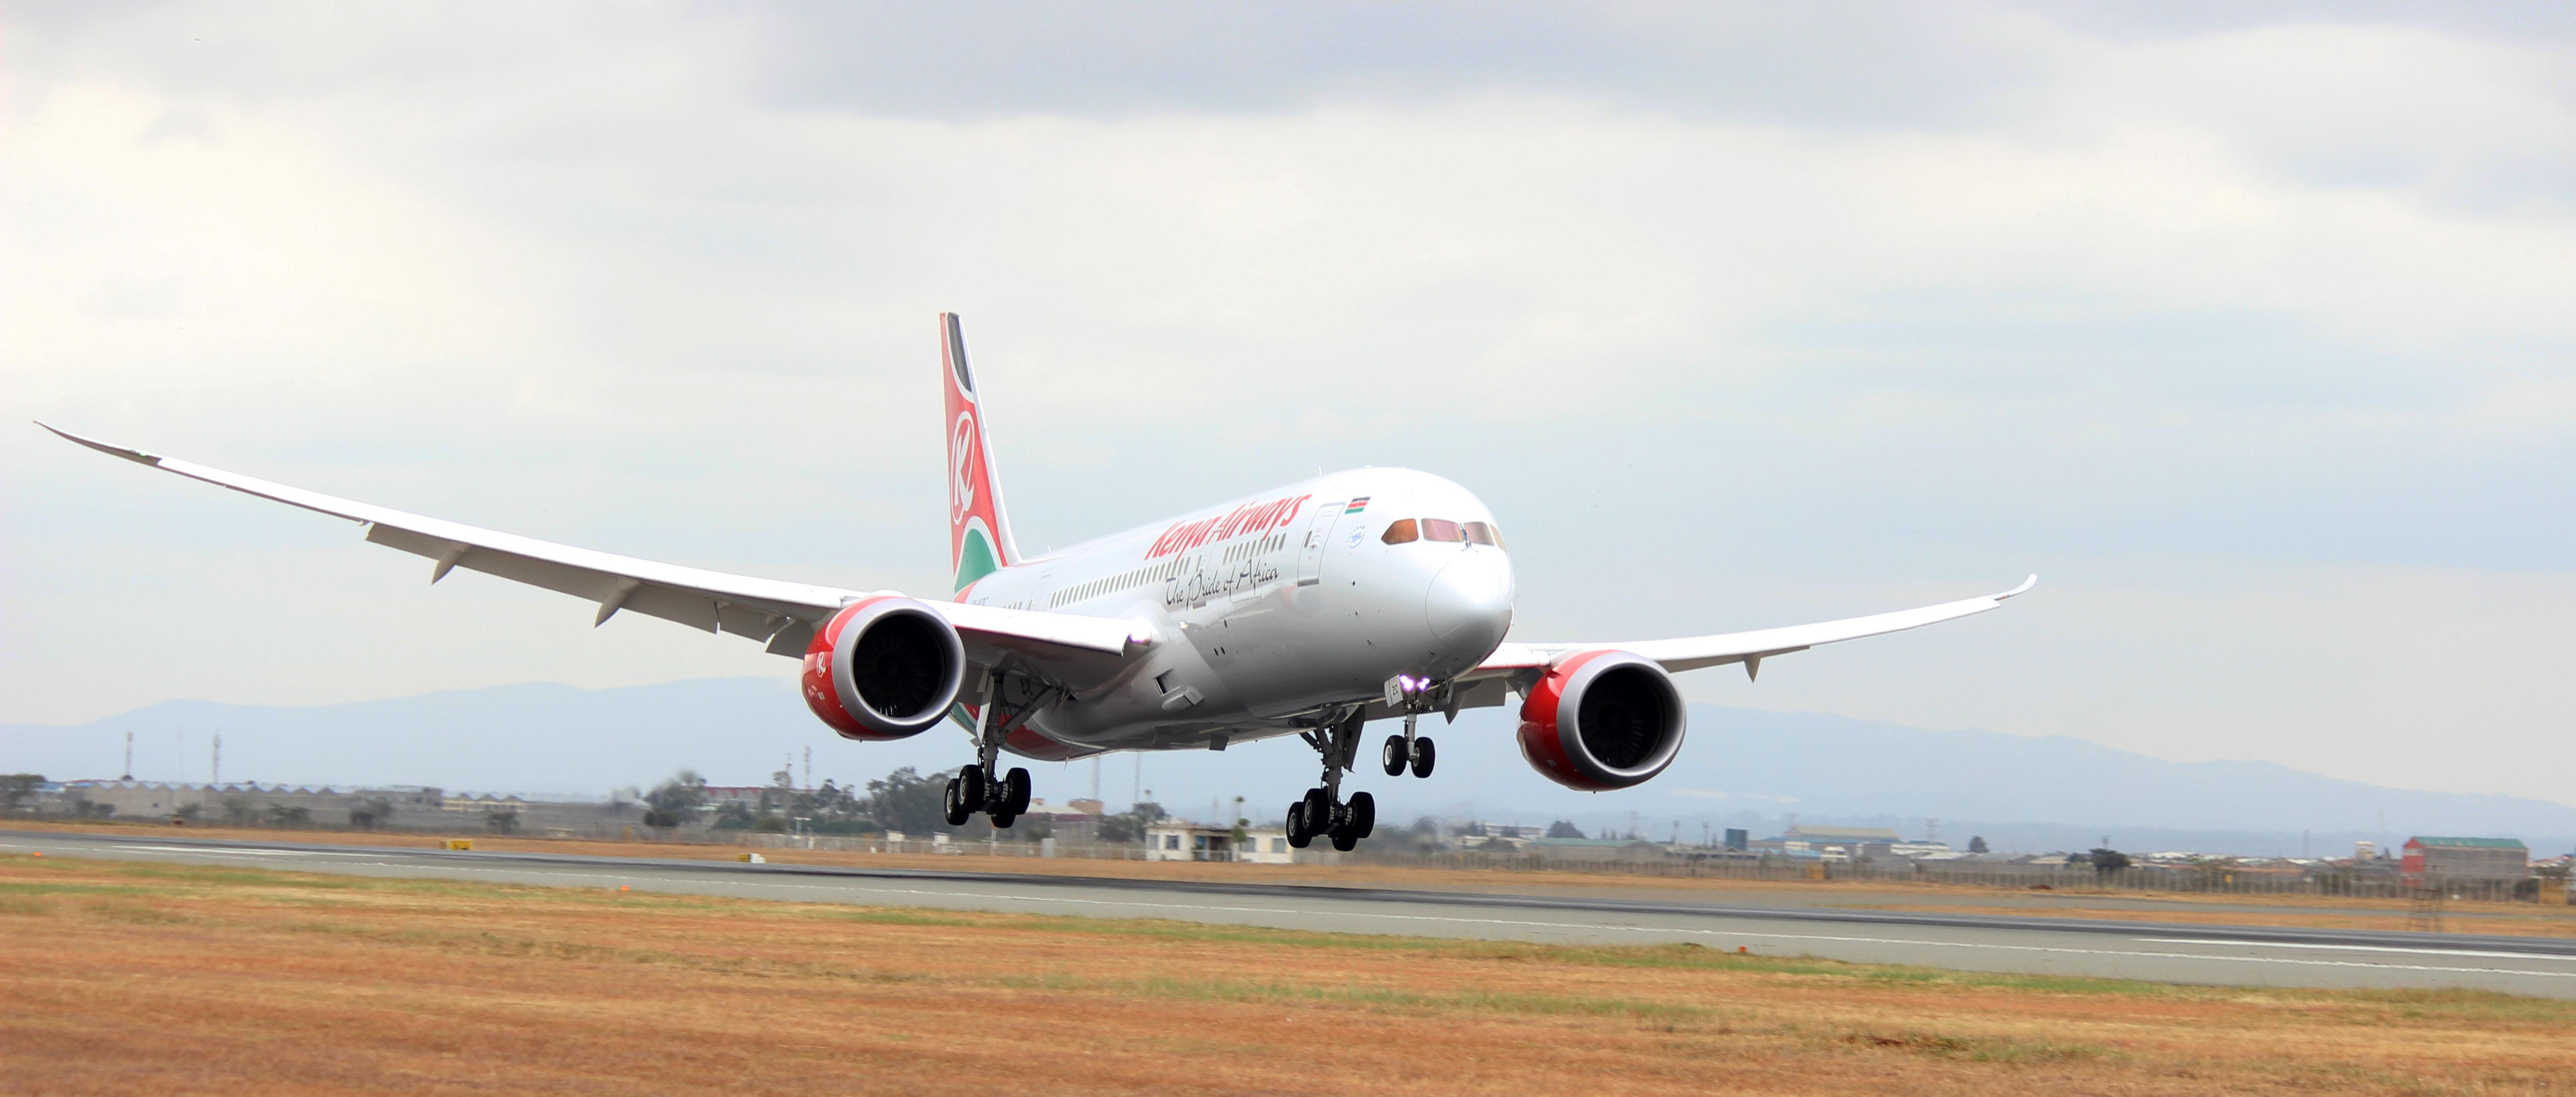 Kenya Airways Receives 3rd Boeing 787 Dreamliner Potentash